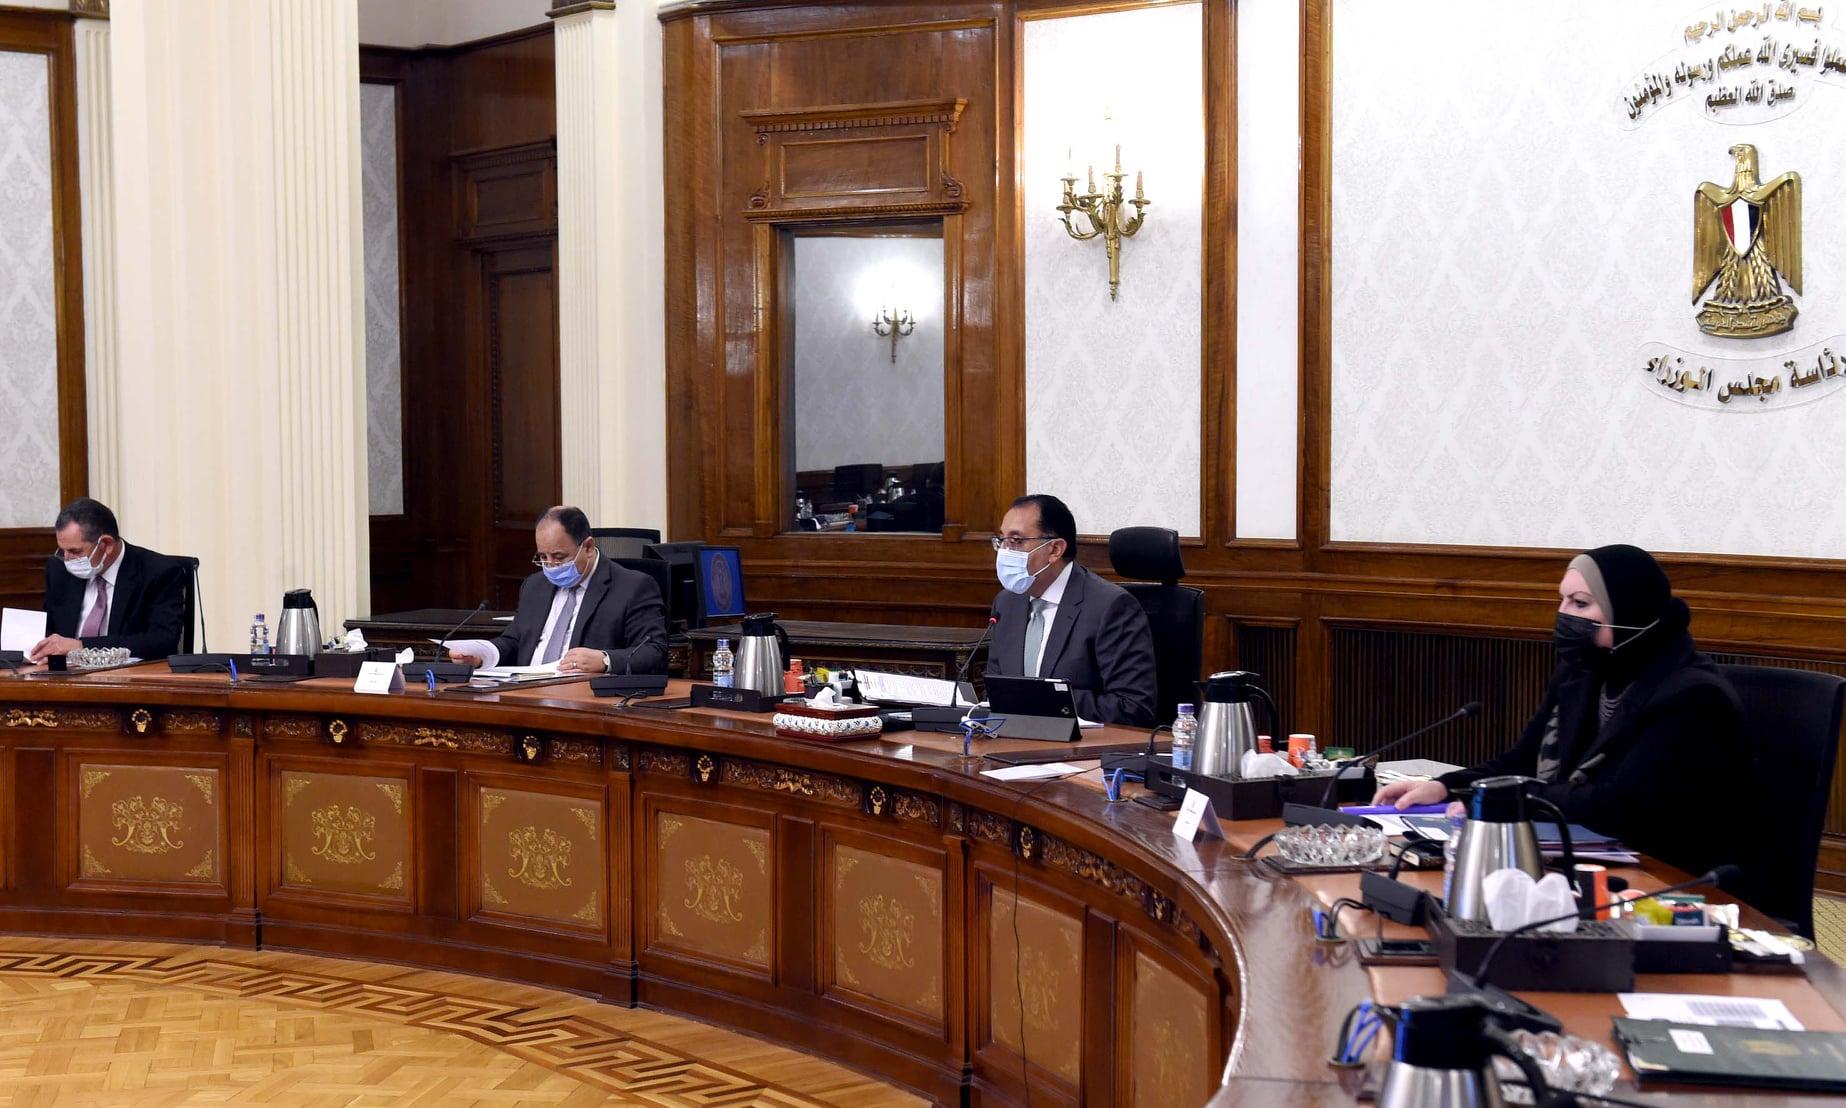 رئيس الوزراء يتابع إجراءات تفعيل المبادرة الرئاسية لإحلال المركبات المتقادمة للعمل بالغاز